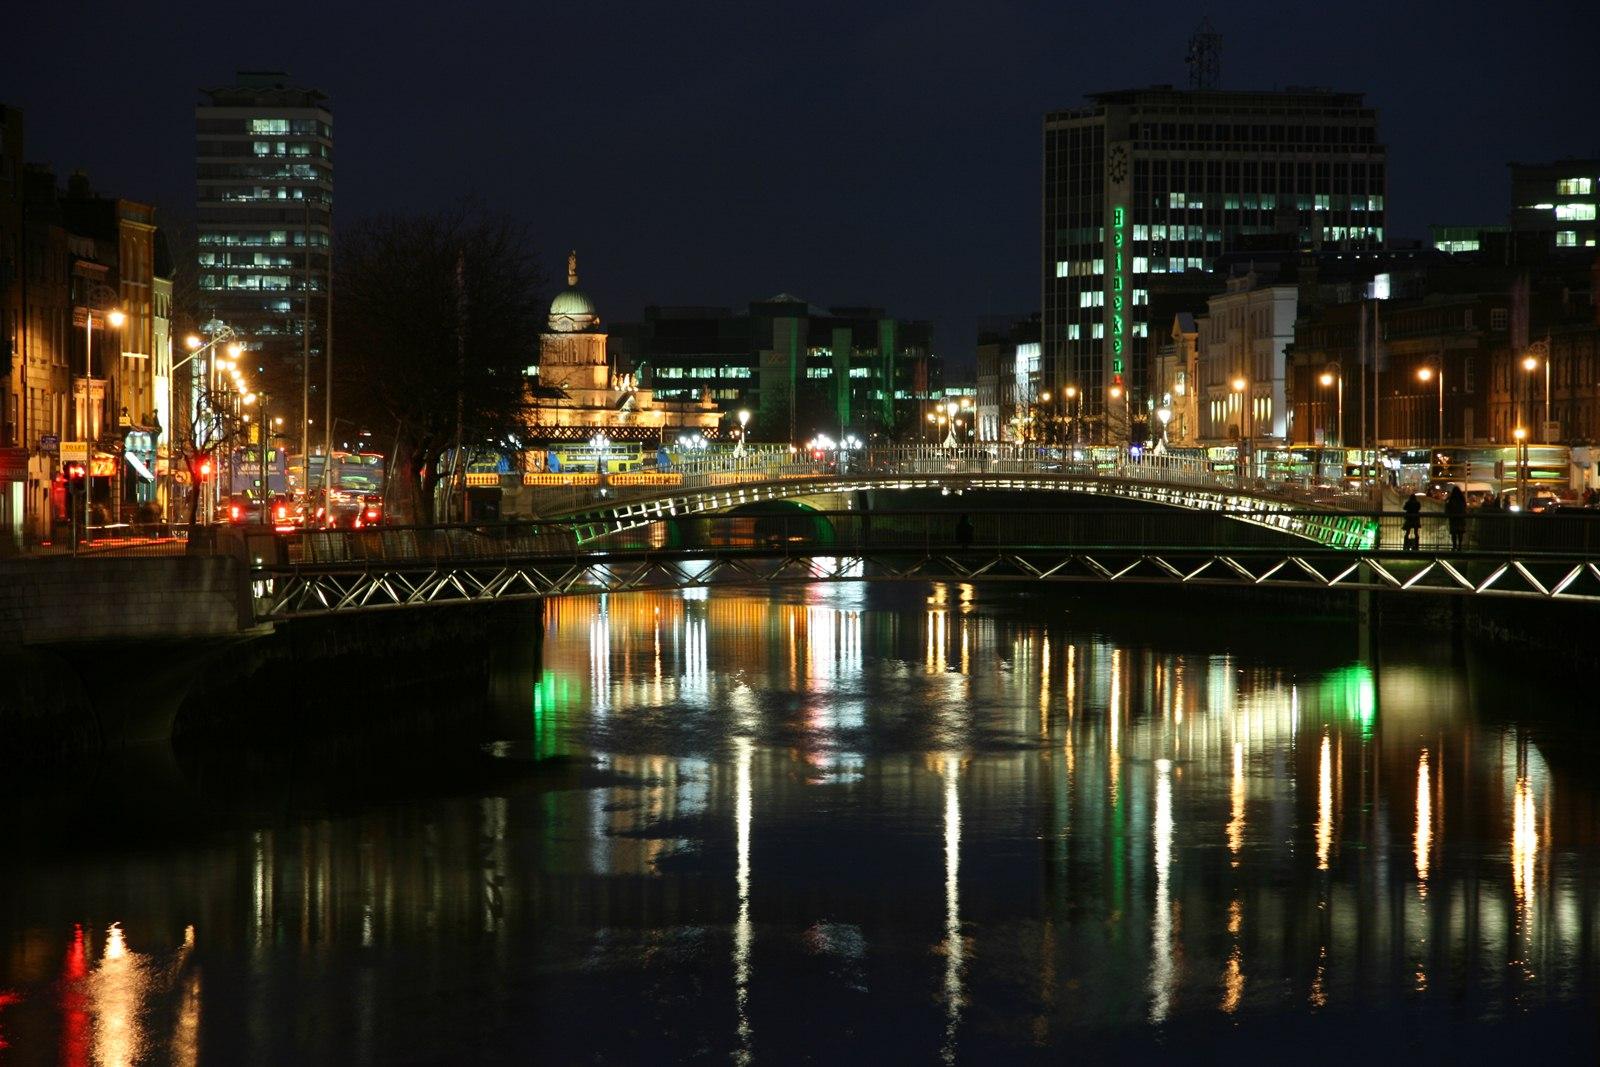 dublin ireland Dublin 1600x1067